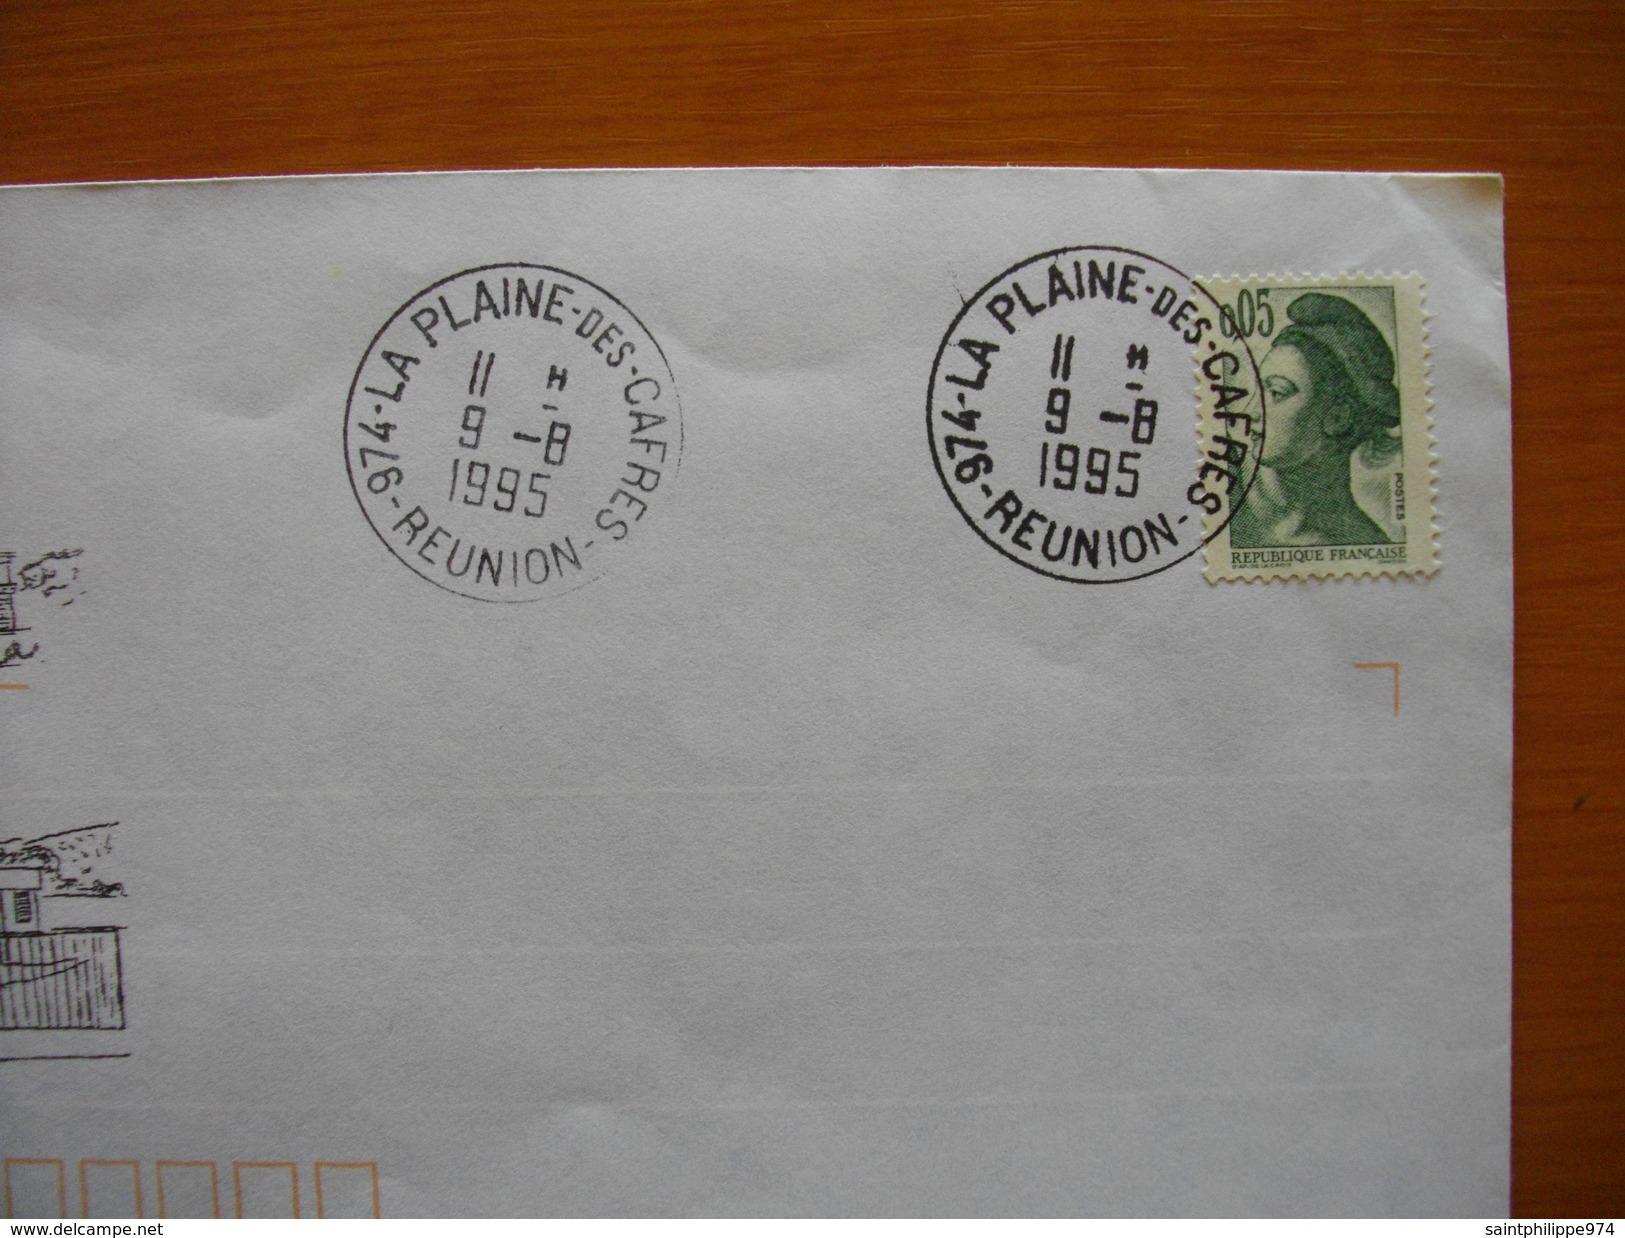 Réunion : Lettre Illustrée De 1995 « Inauguration De La Poste De La Plaine Des Cafres » - Reunion Island (1852-1975)